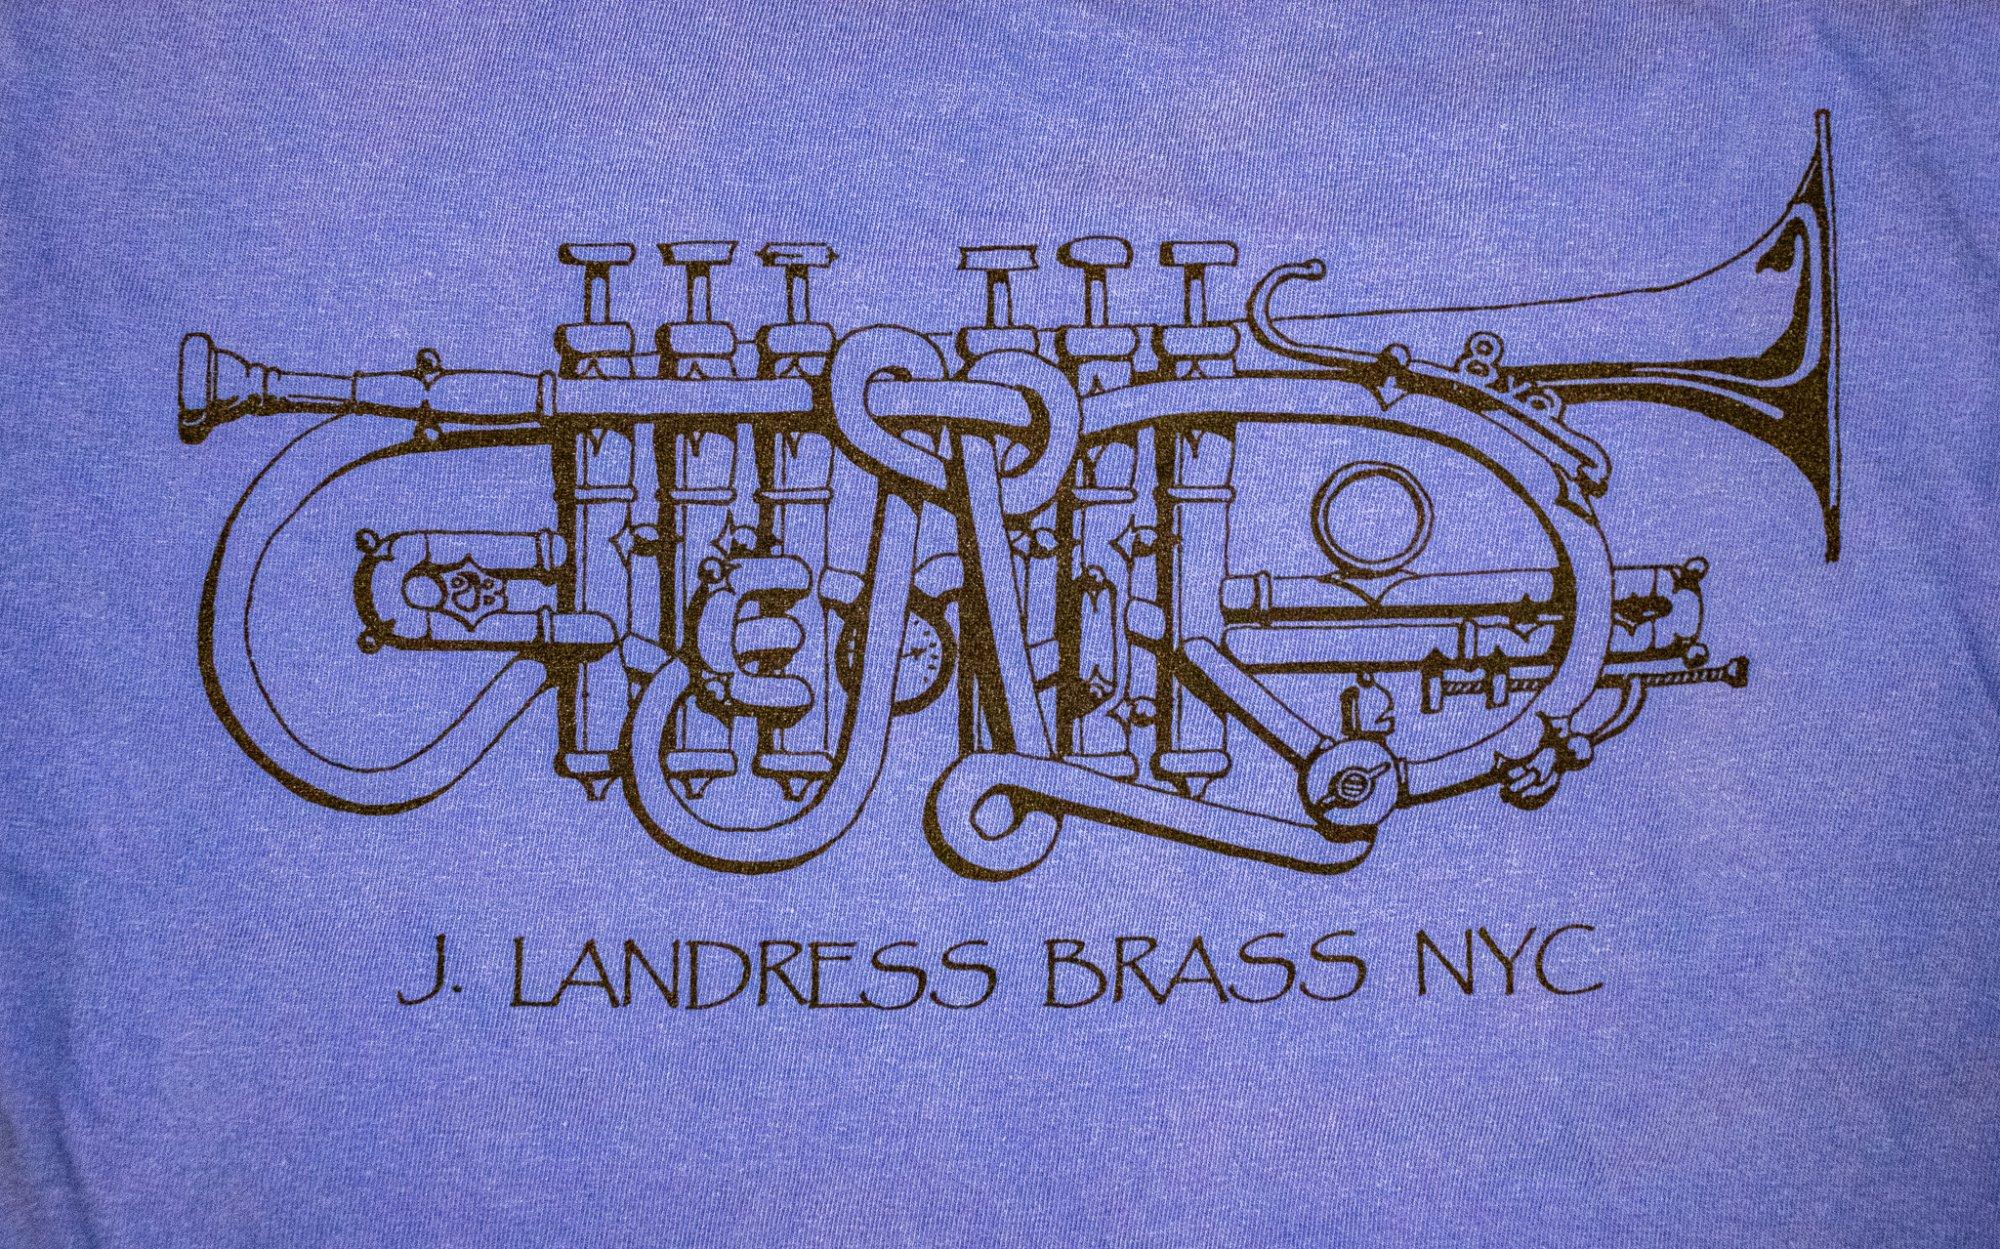 J. Landress Brass T-shirt